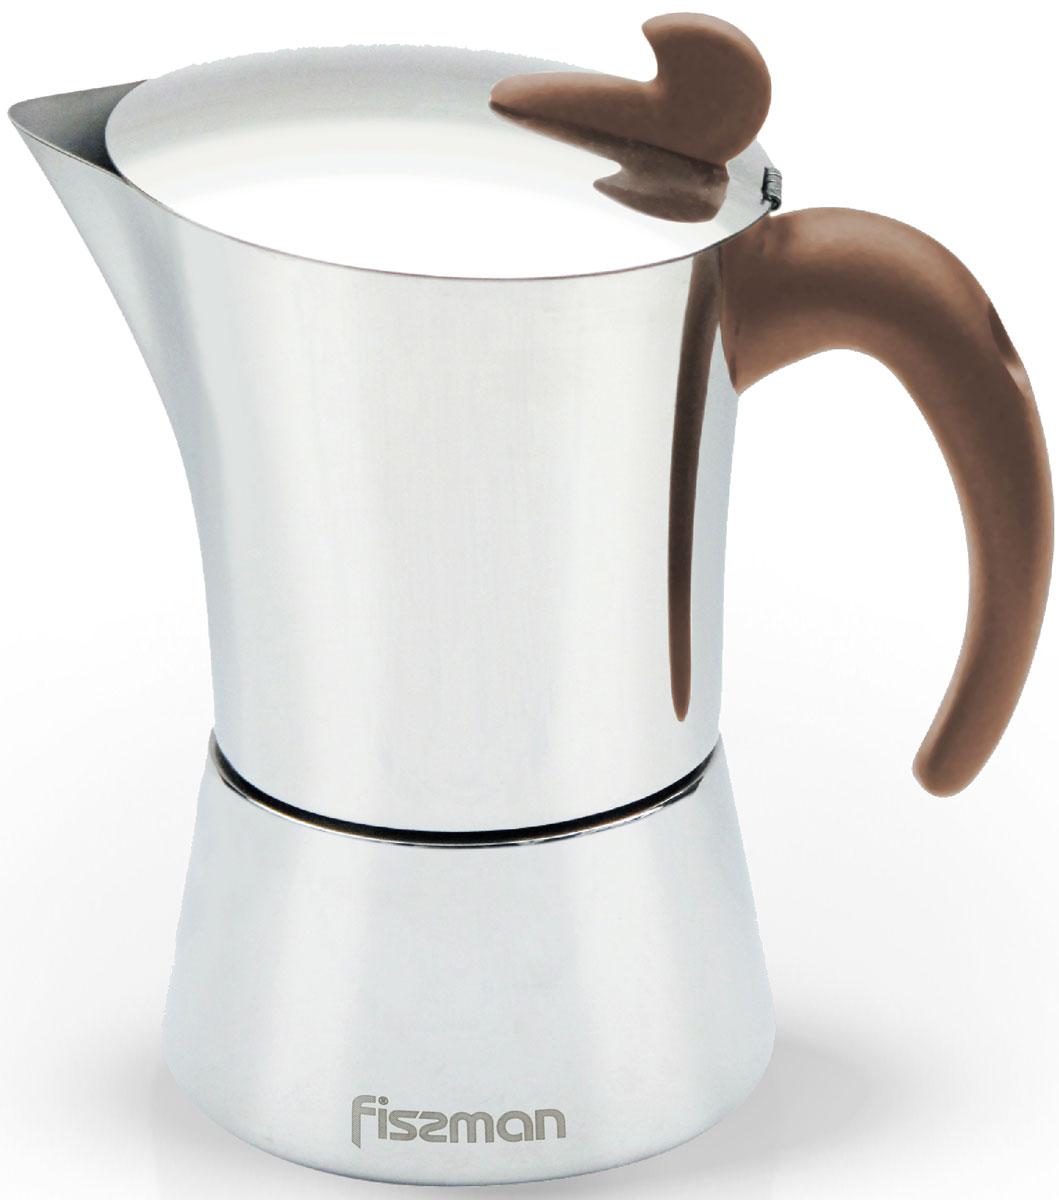 Кофеварка гейзерная  Fissman , на 9 порций, 540 мл - Кофеварки и кофемашины